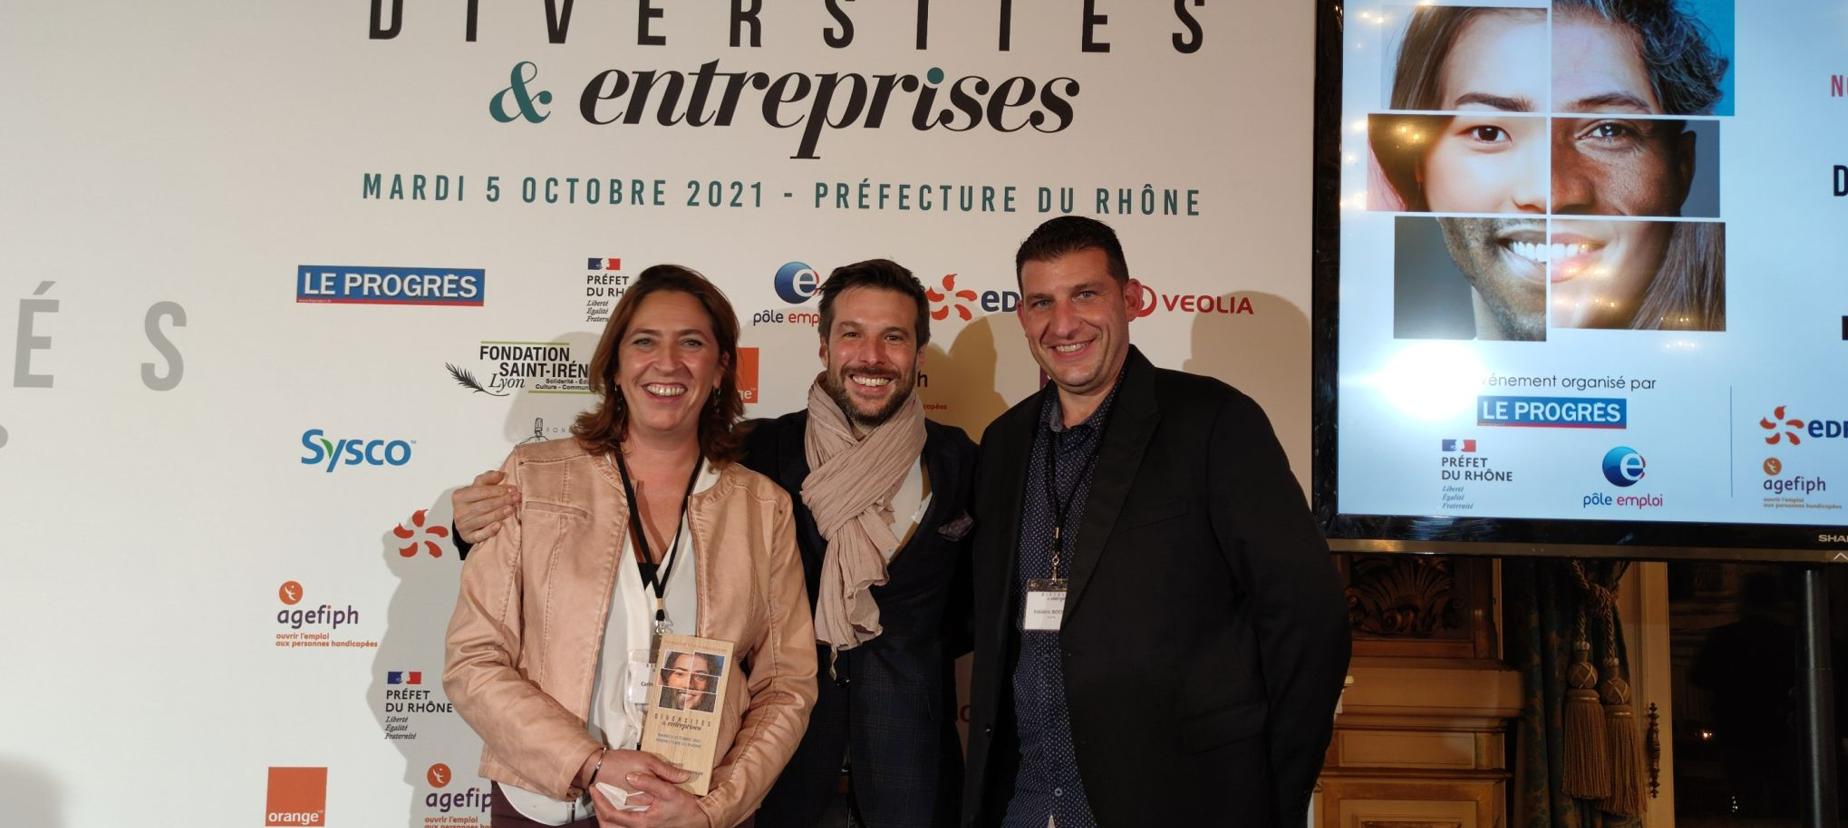 Remise du trophée de l'insertion en entreprise par le célèbre cuisinier Grégory Cuilleron 💥 !